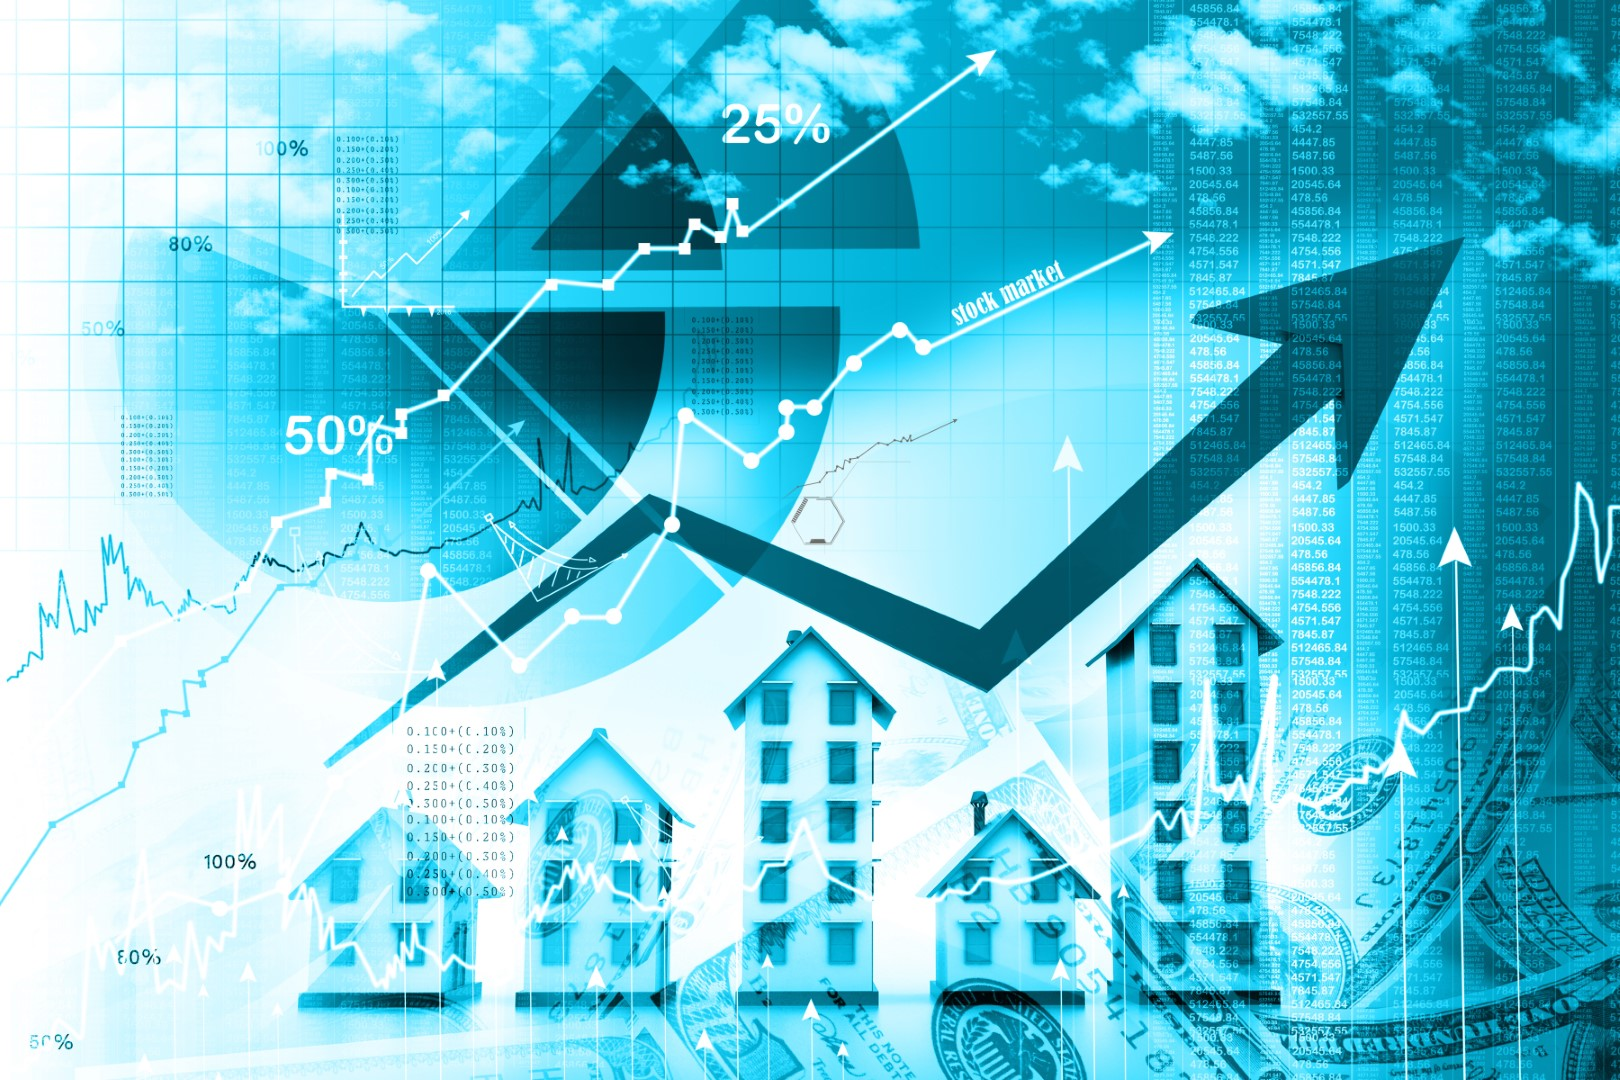 Griechenland vereinfachte die Besteuerung für neue Einwohner - Investoren